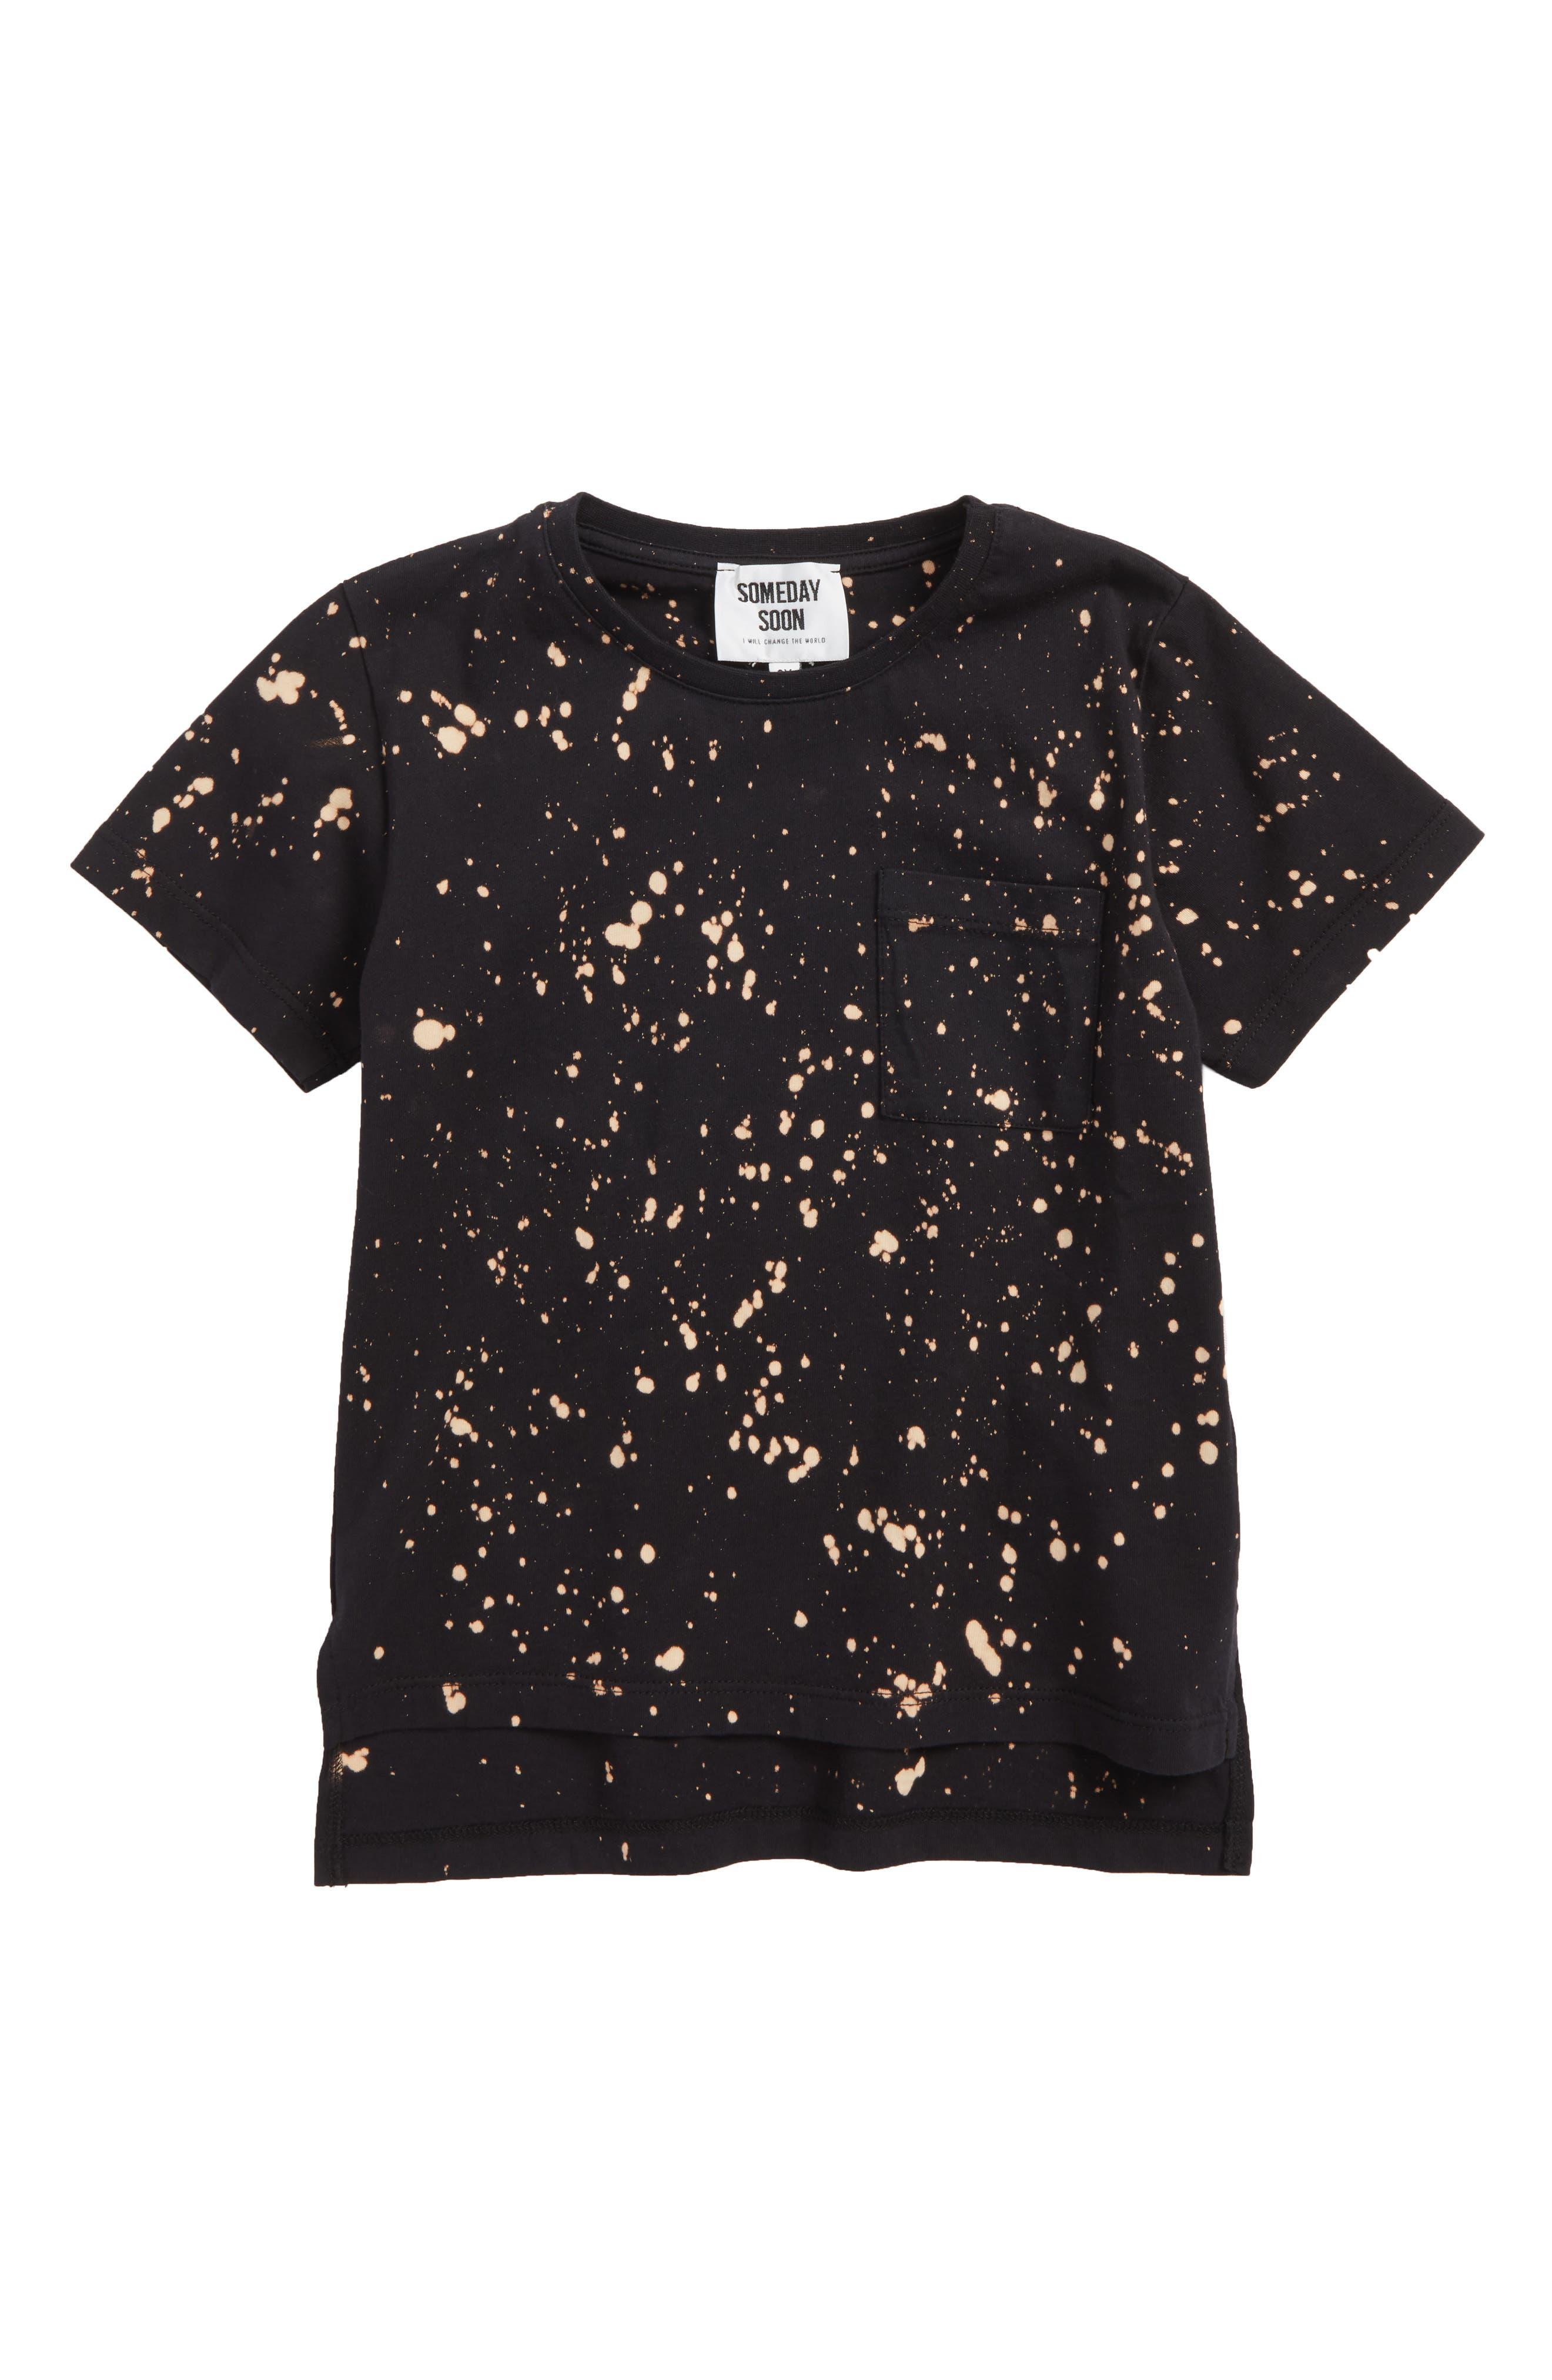 Avalon T-Shirt,                         Main,                         color, Black Aop